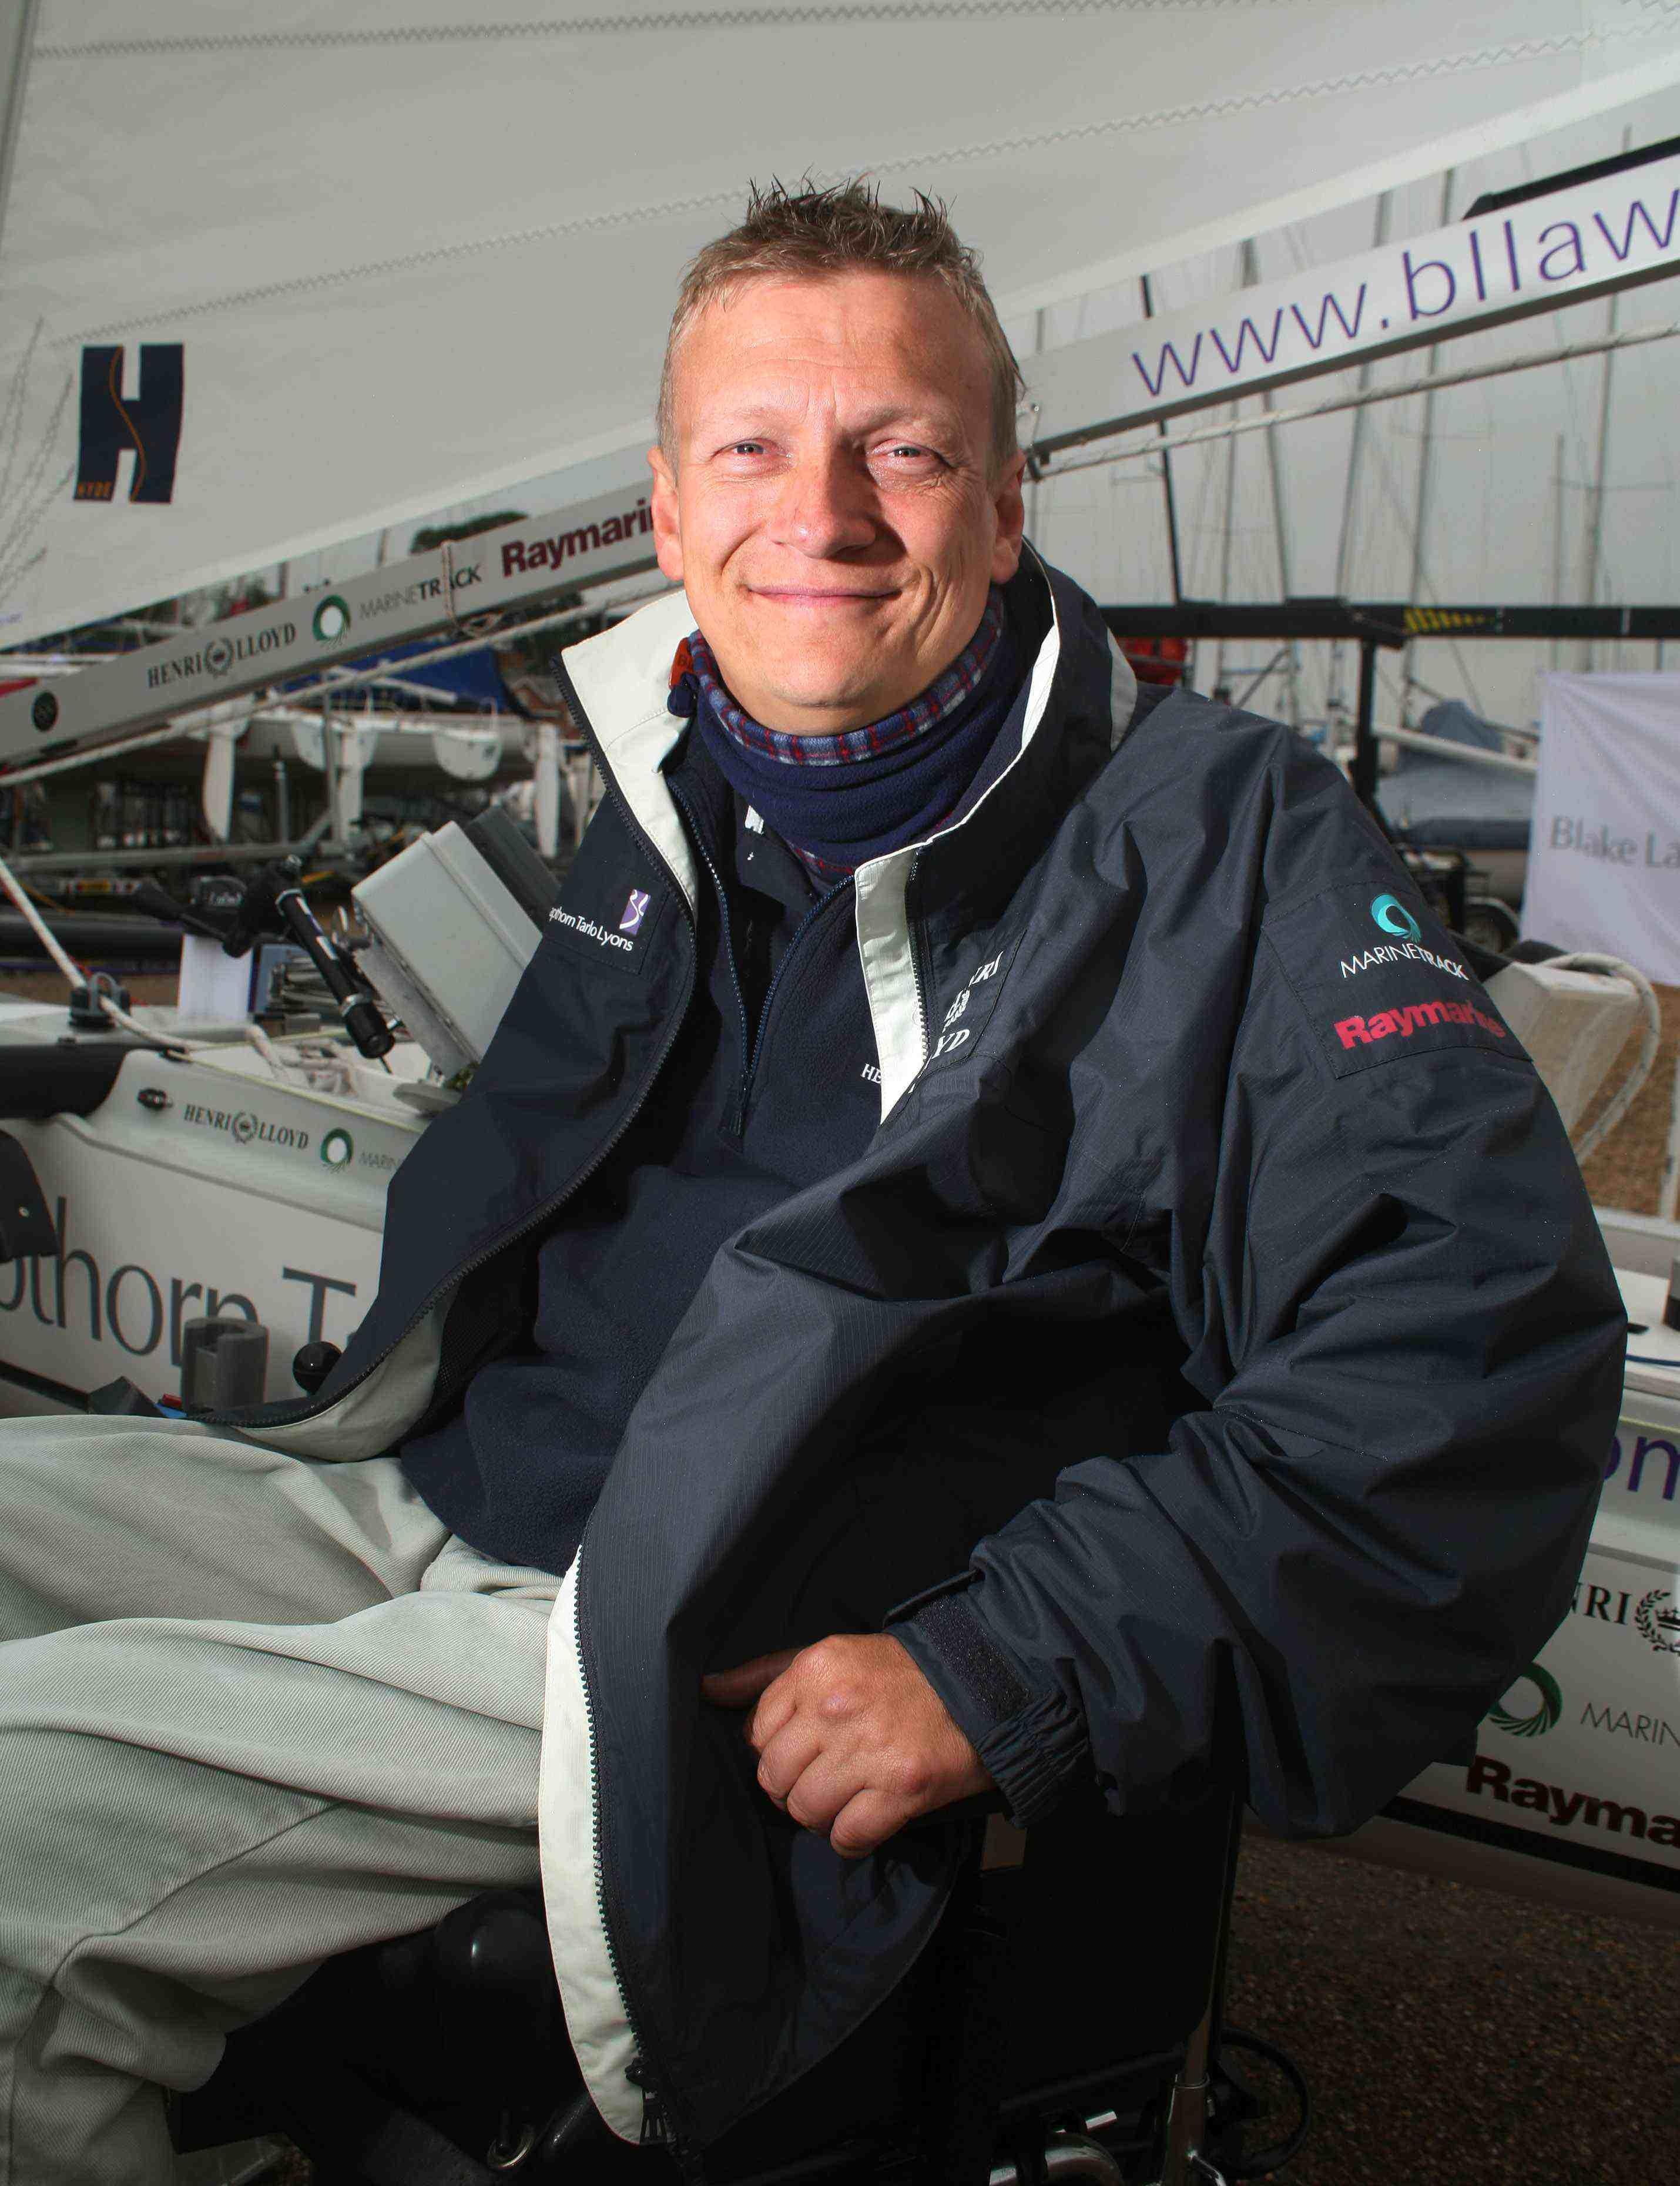 Geoff Holt